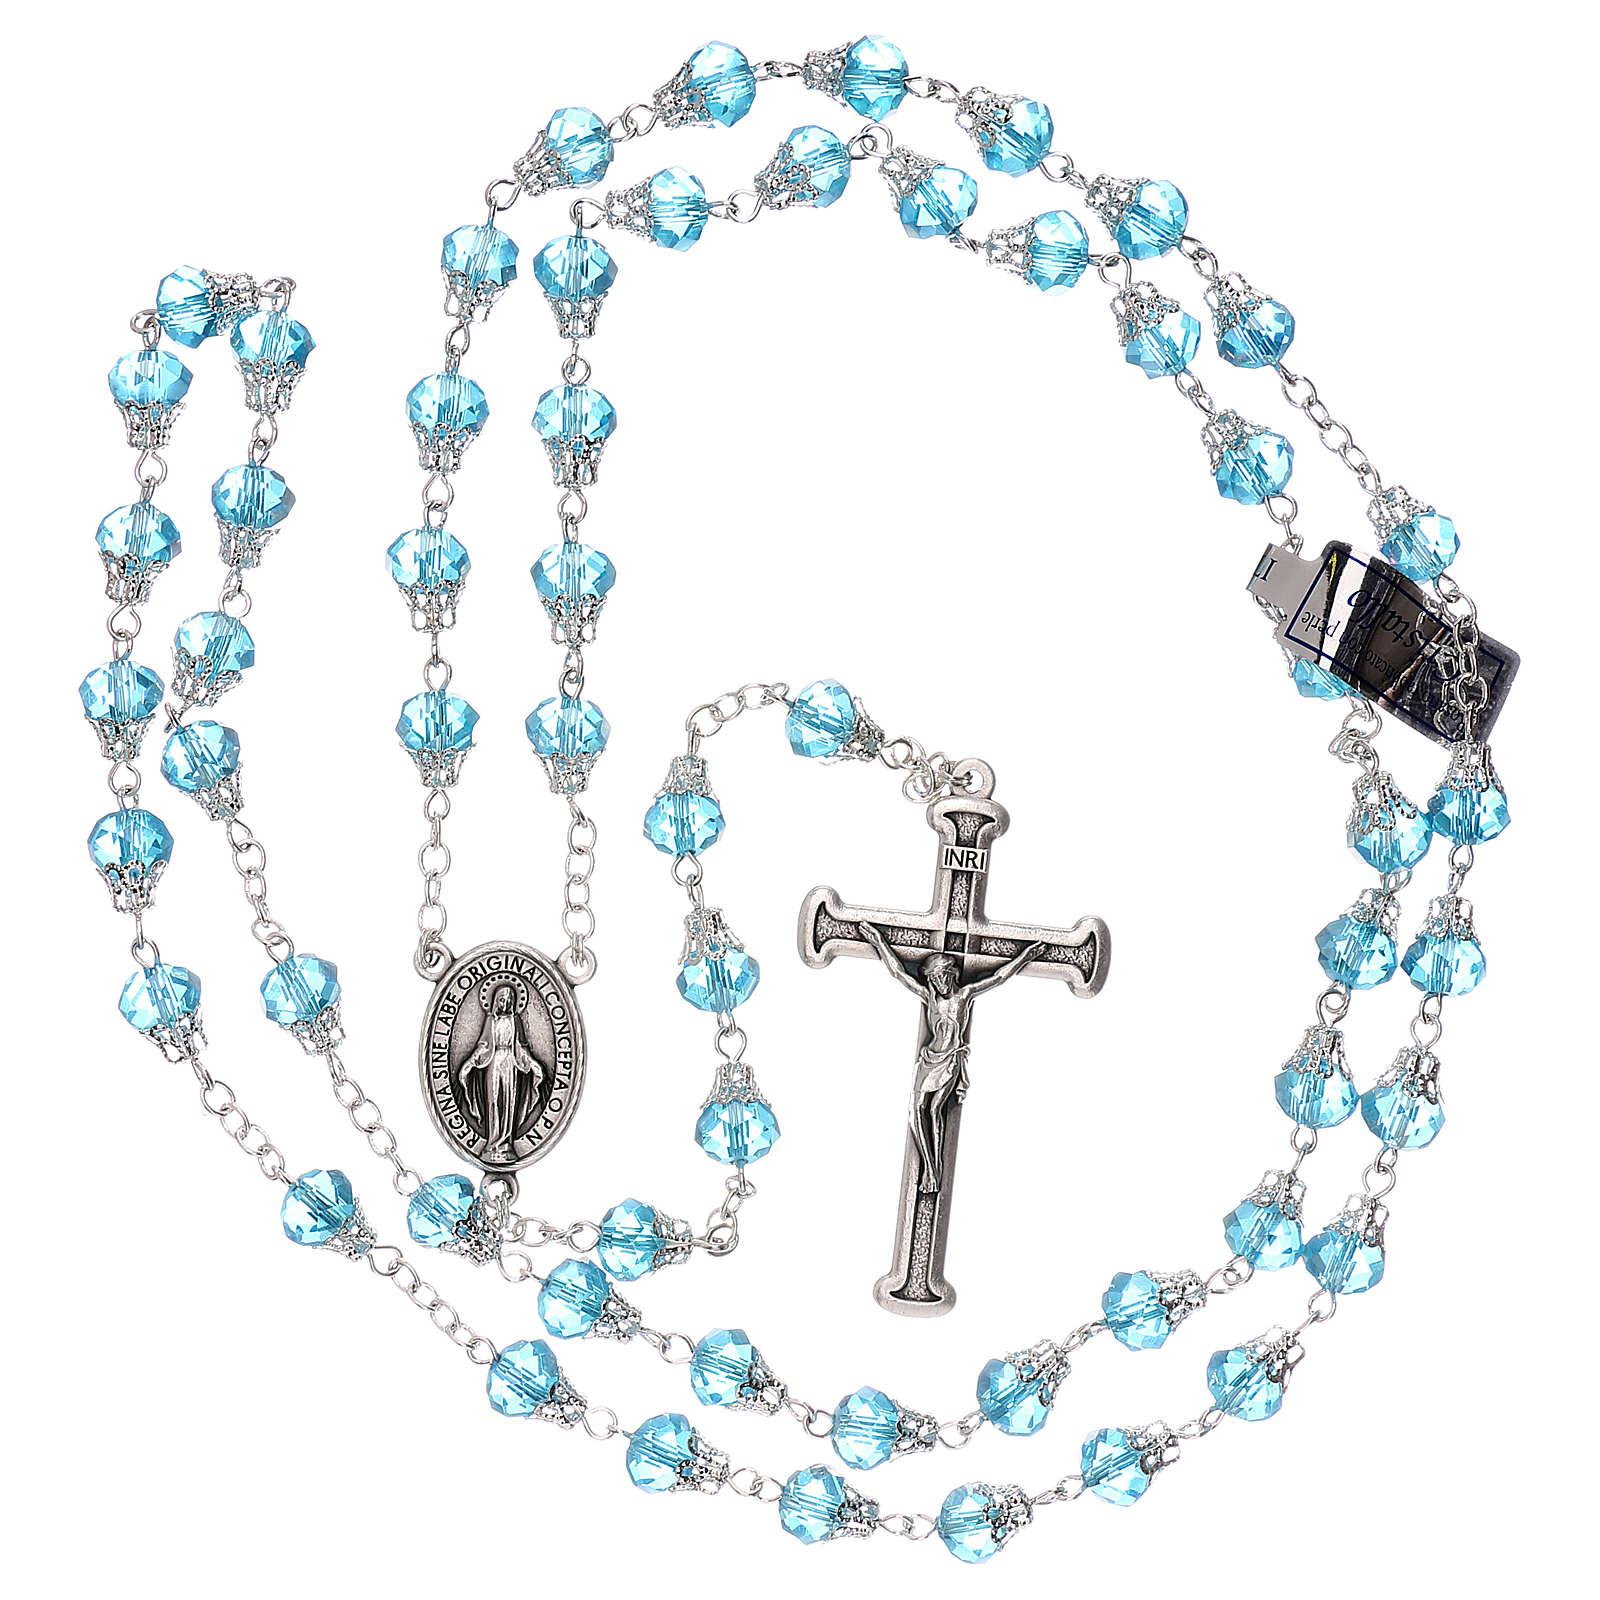 Rosario azul lúcido cristal granos 5 mm 4